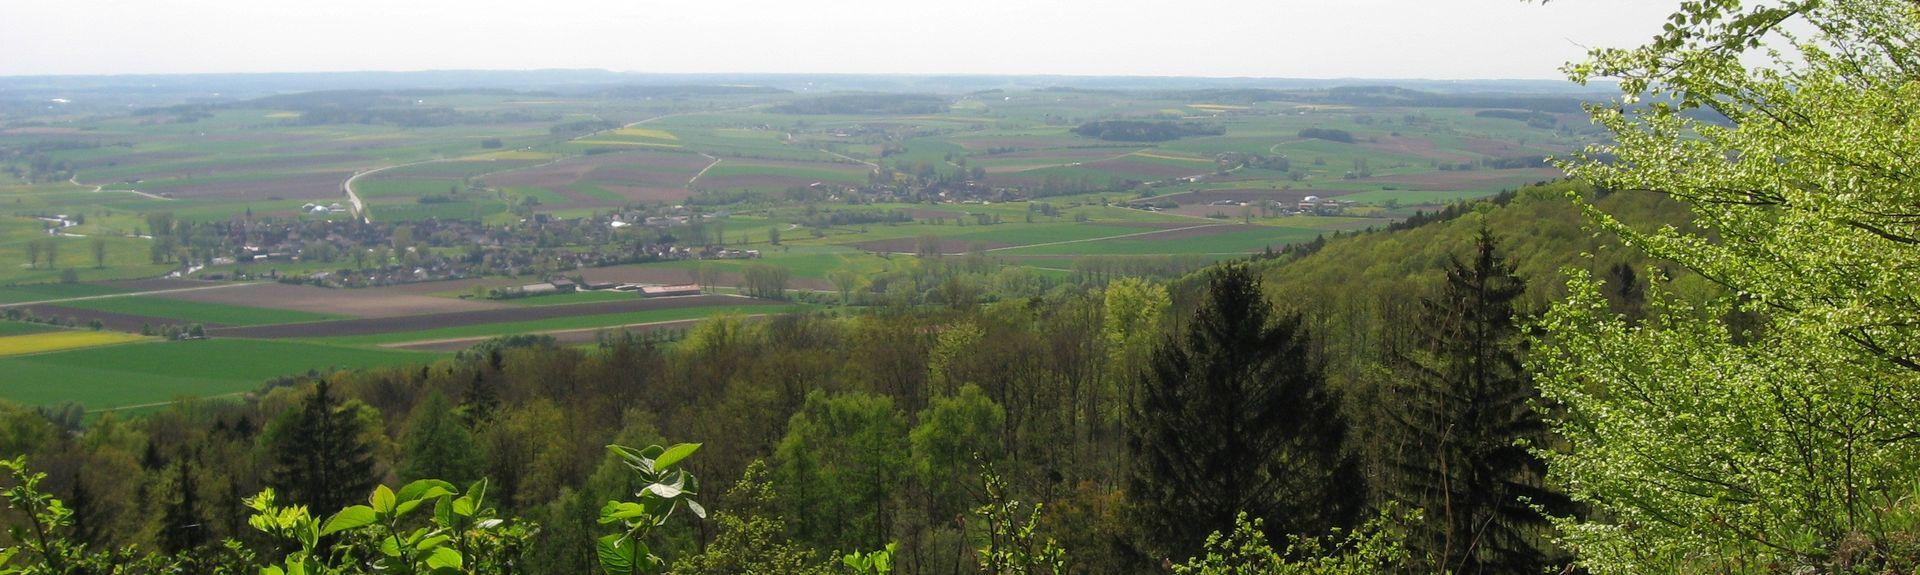 Schopfloch, Karlsruhe, Baden-Württemberg, Germany